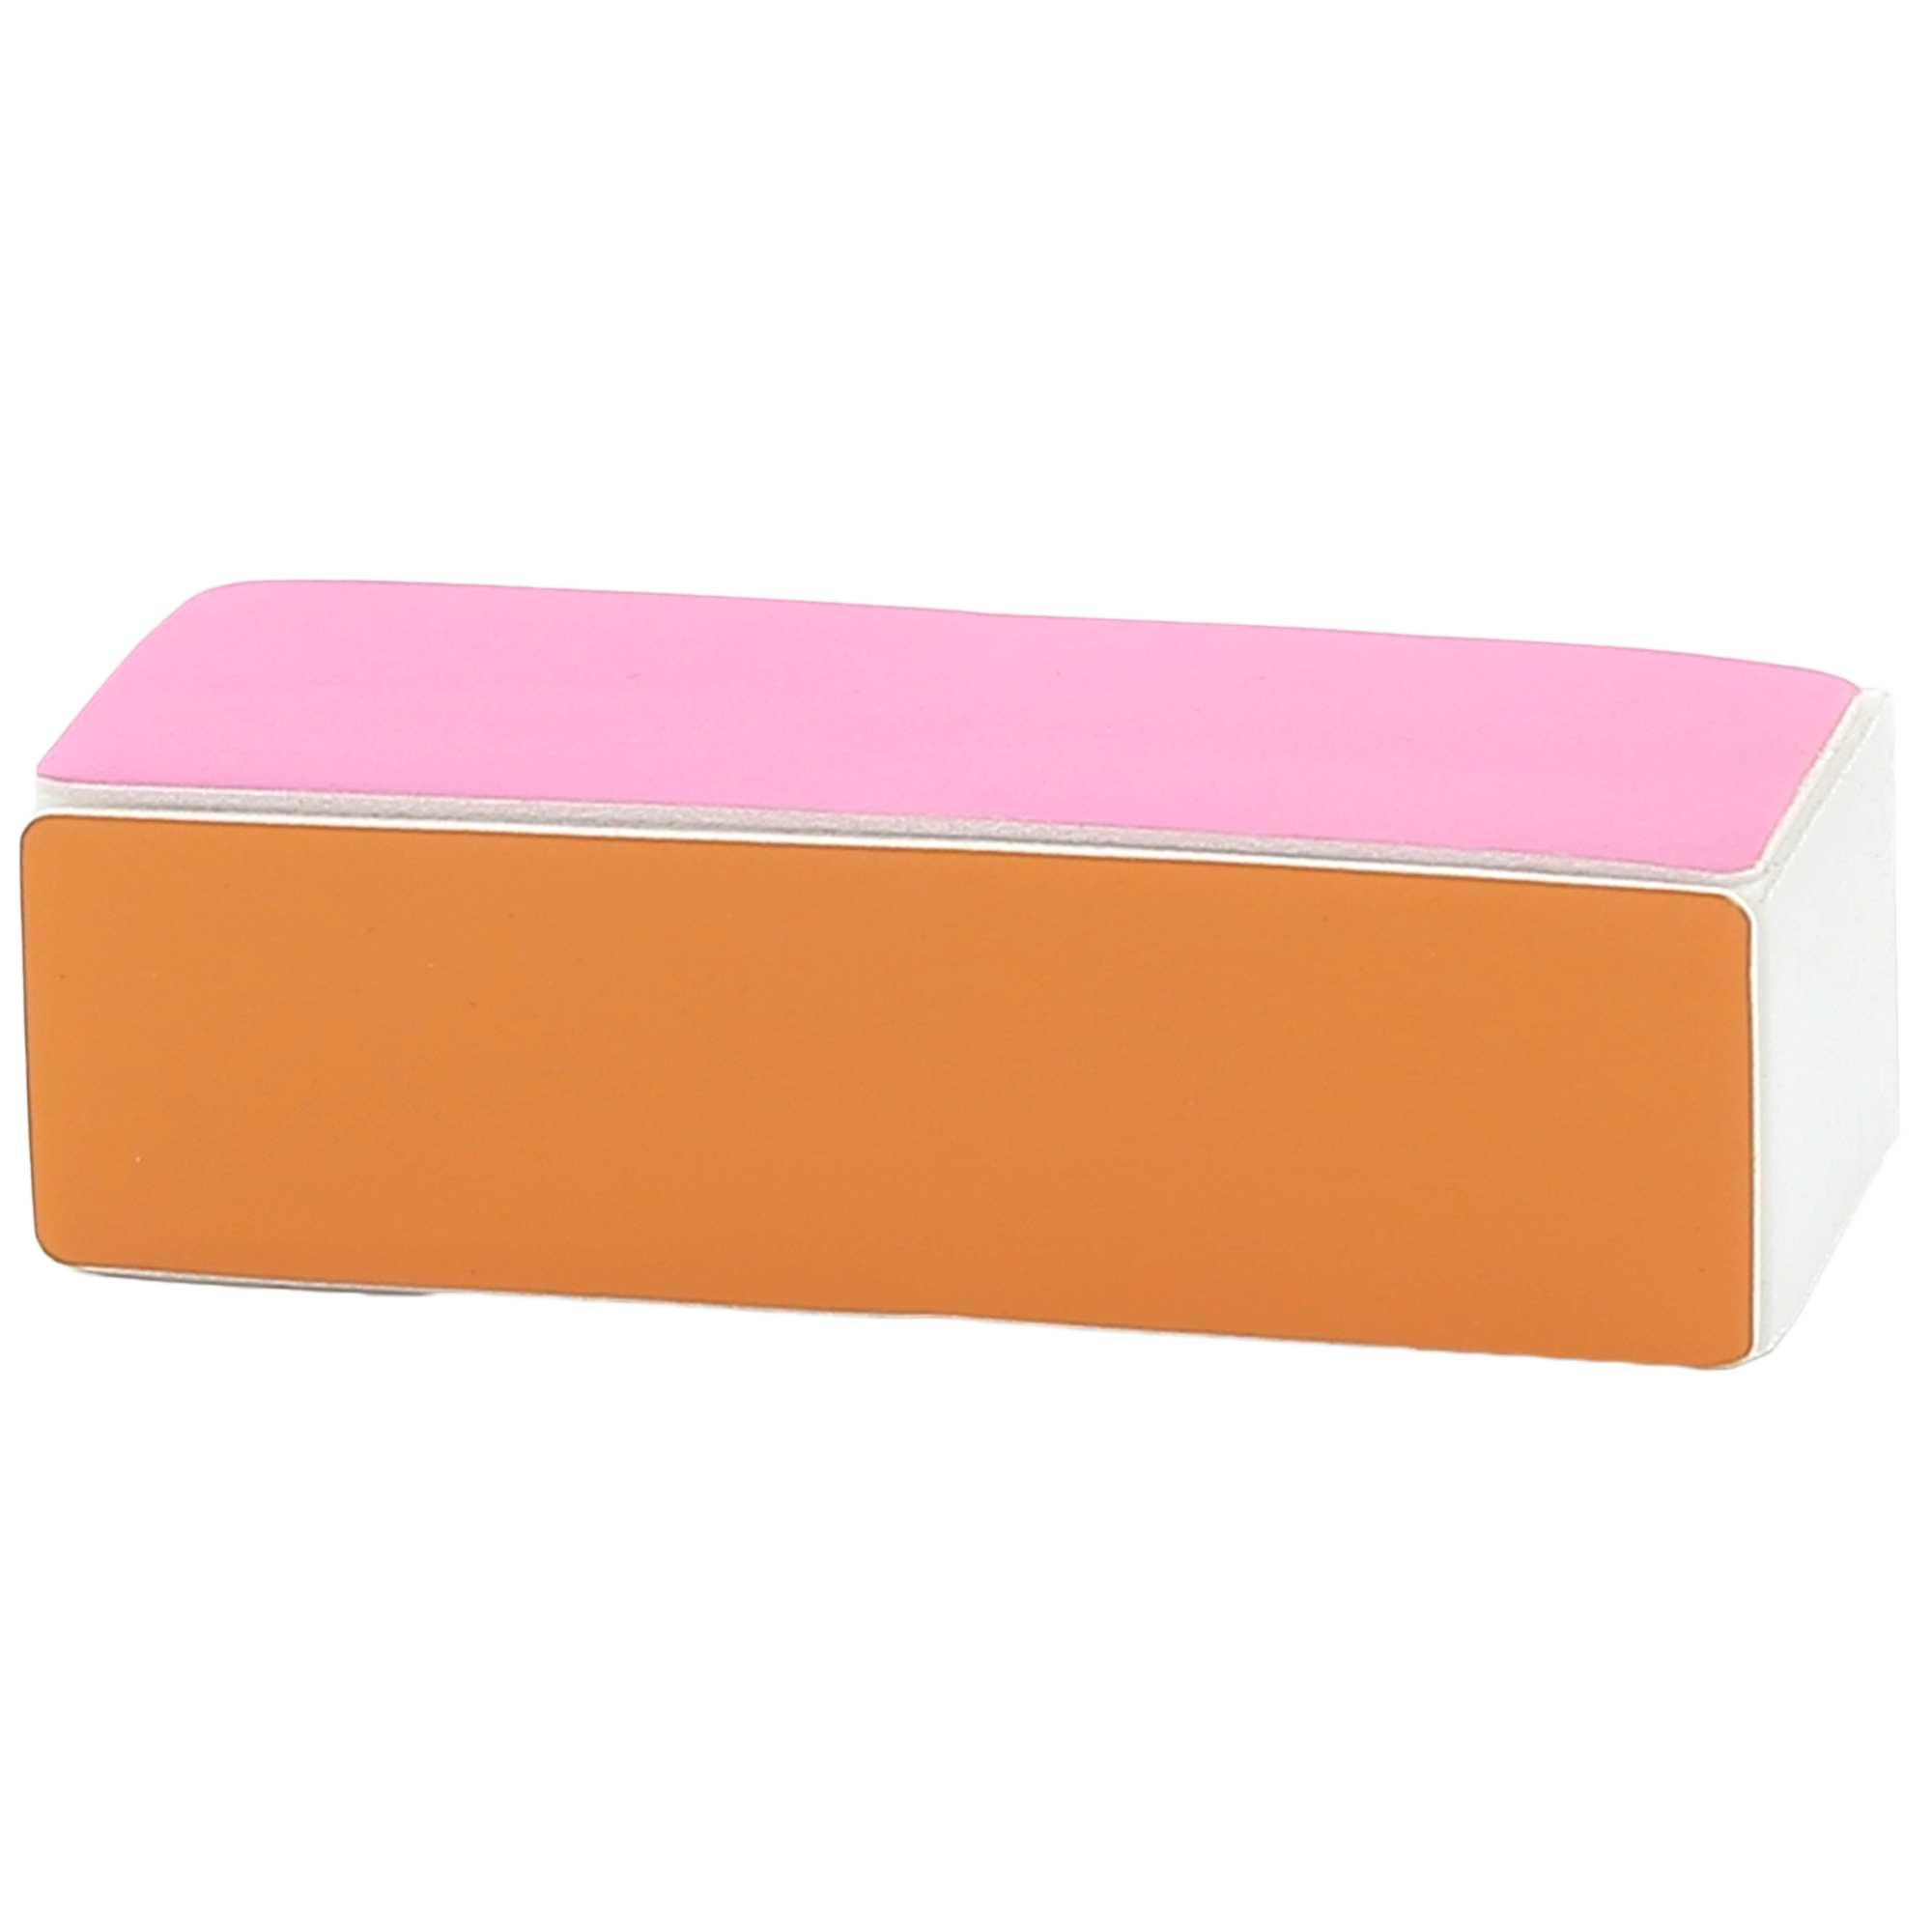 Couleur : multicolore, , ,, - Taille : TU, , ,,L'accessoire magique qui fait briller vos ongles sans vernis ! - Face 1 : je lime -